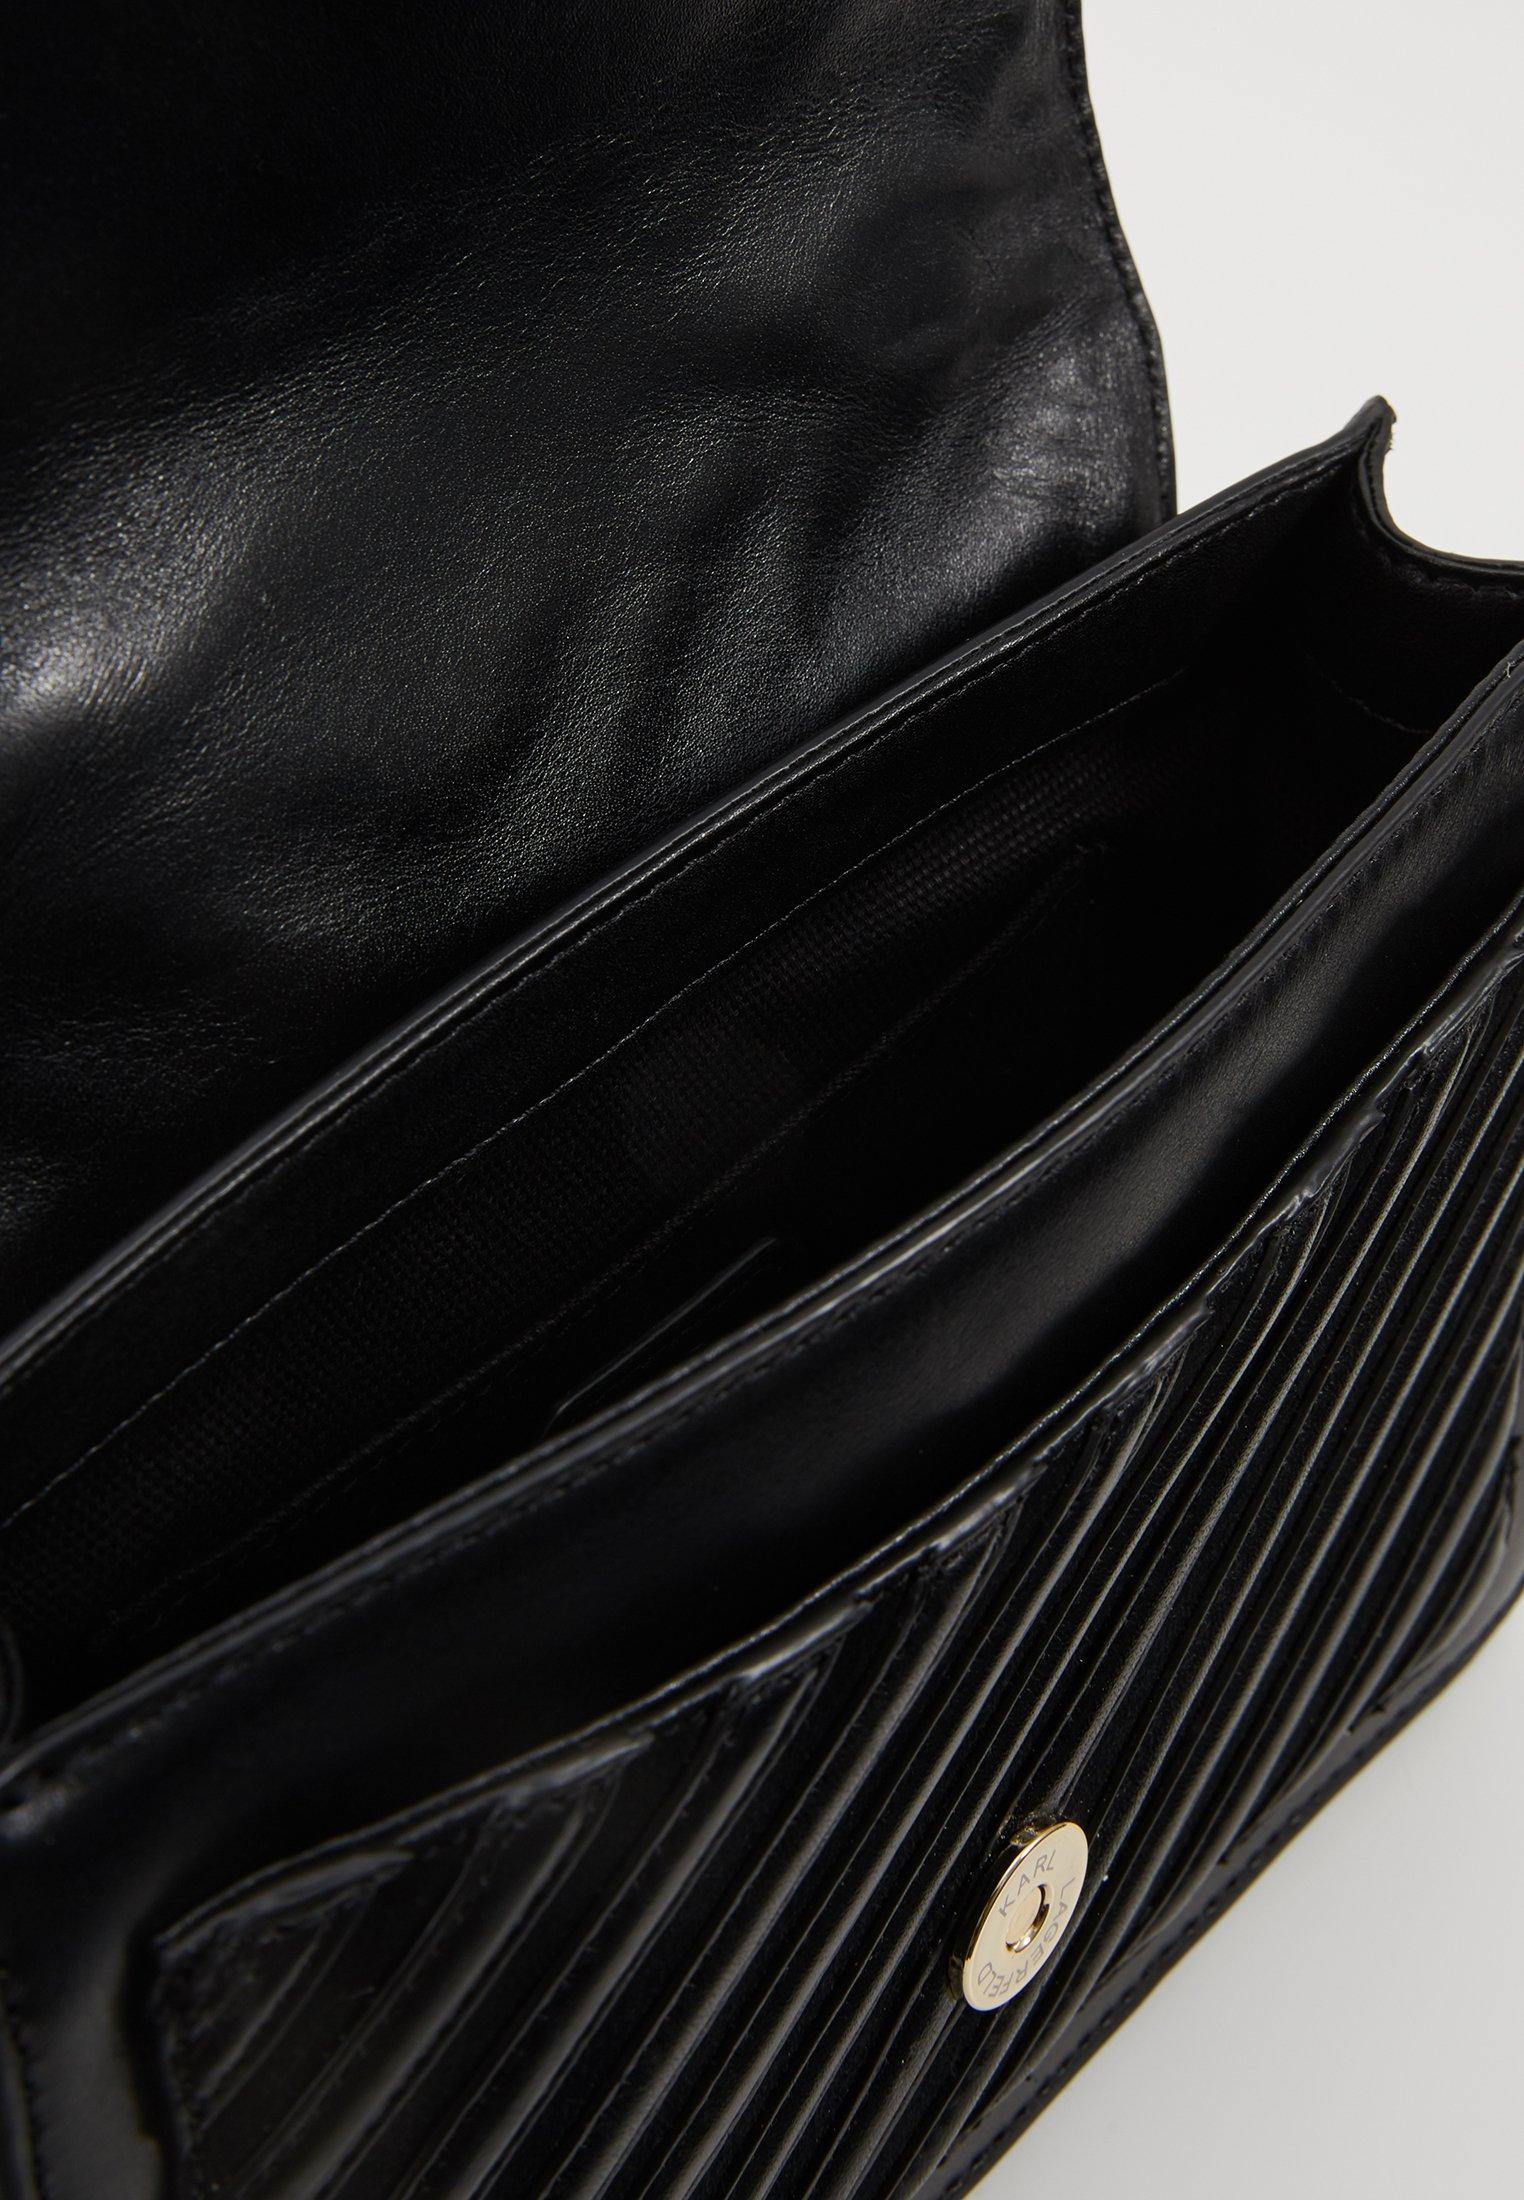 Klassik Quilted gold SmallSac Lagerfeld Bandoulière Karl Black dCQrhsxt